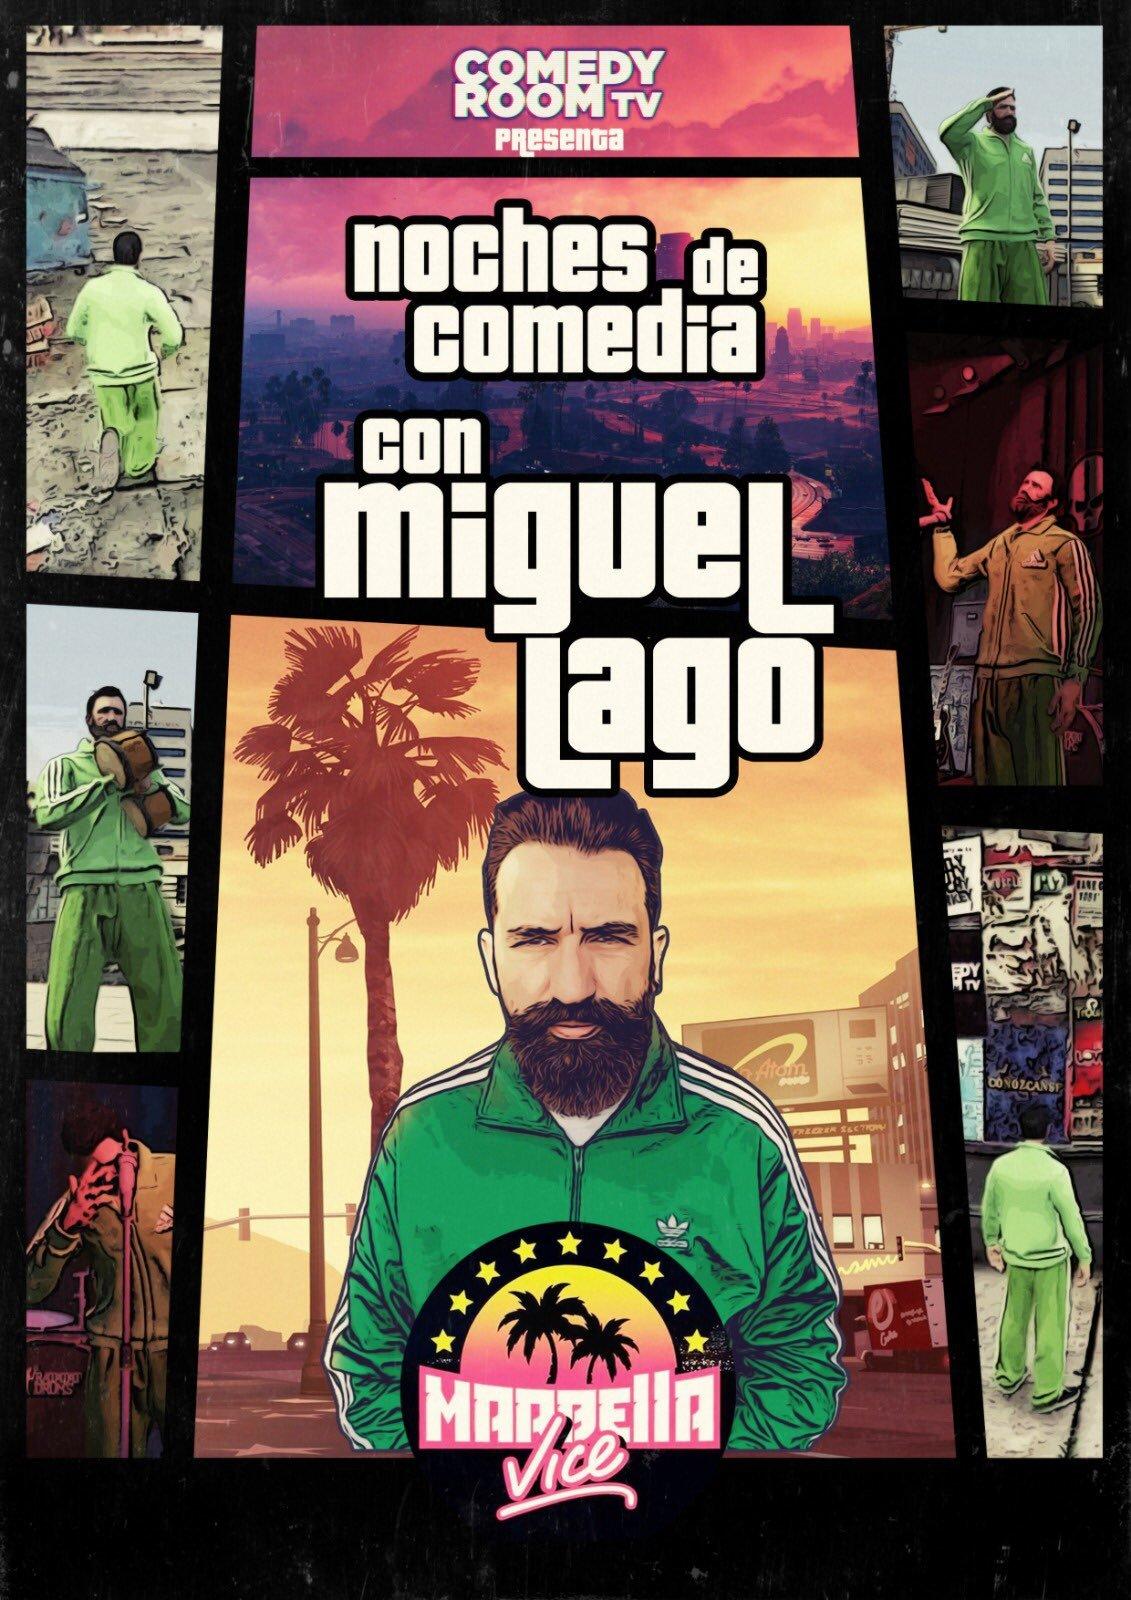 Cartel del show que protagonizará Miguel Lago en Marbella Vice